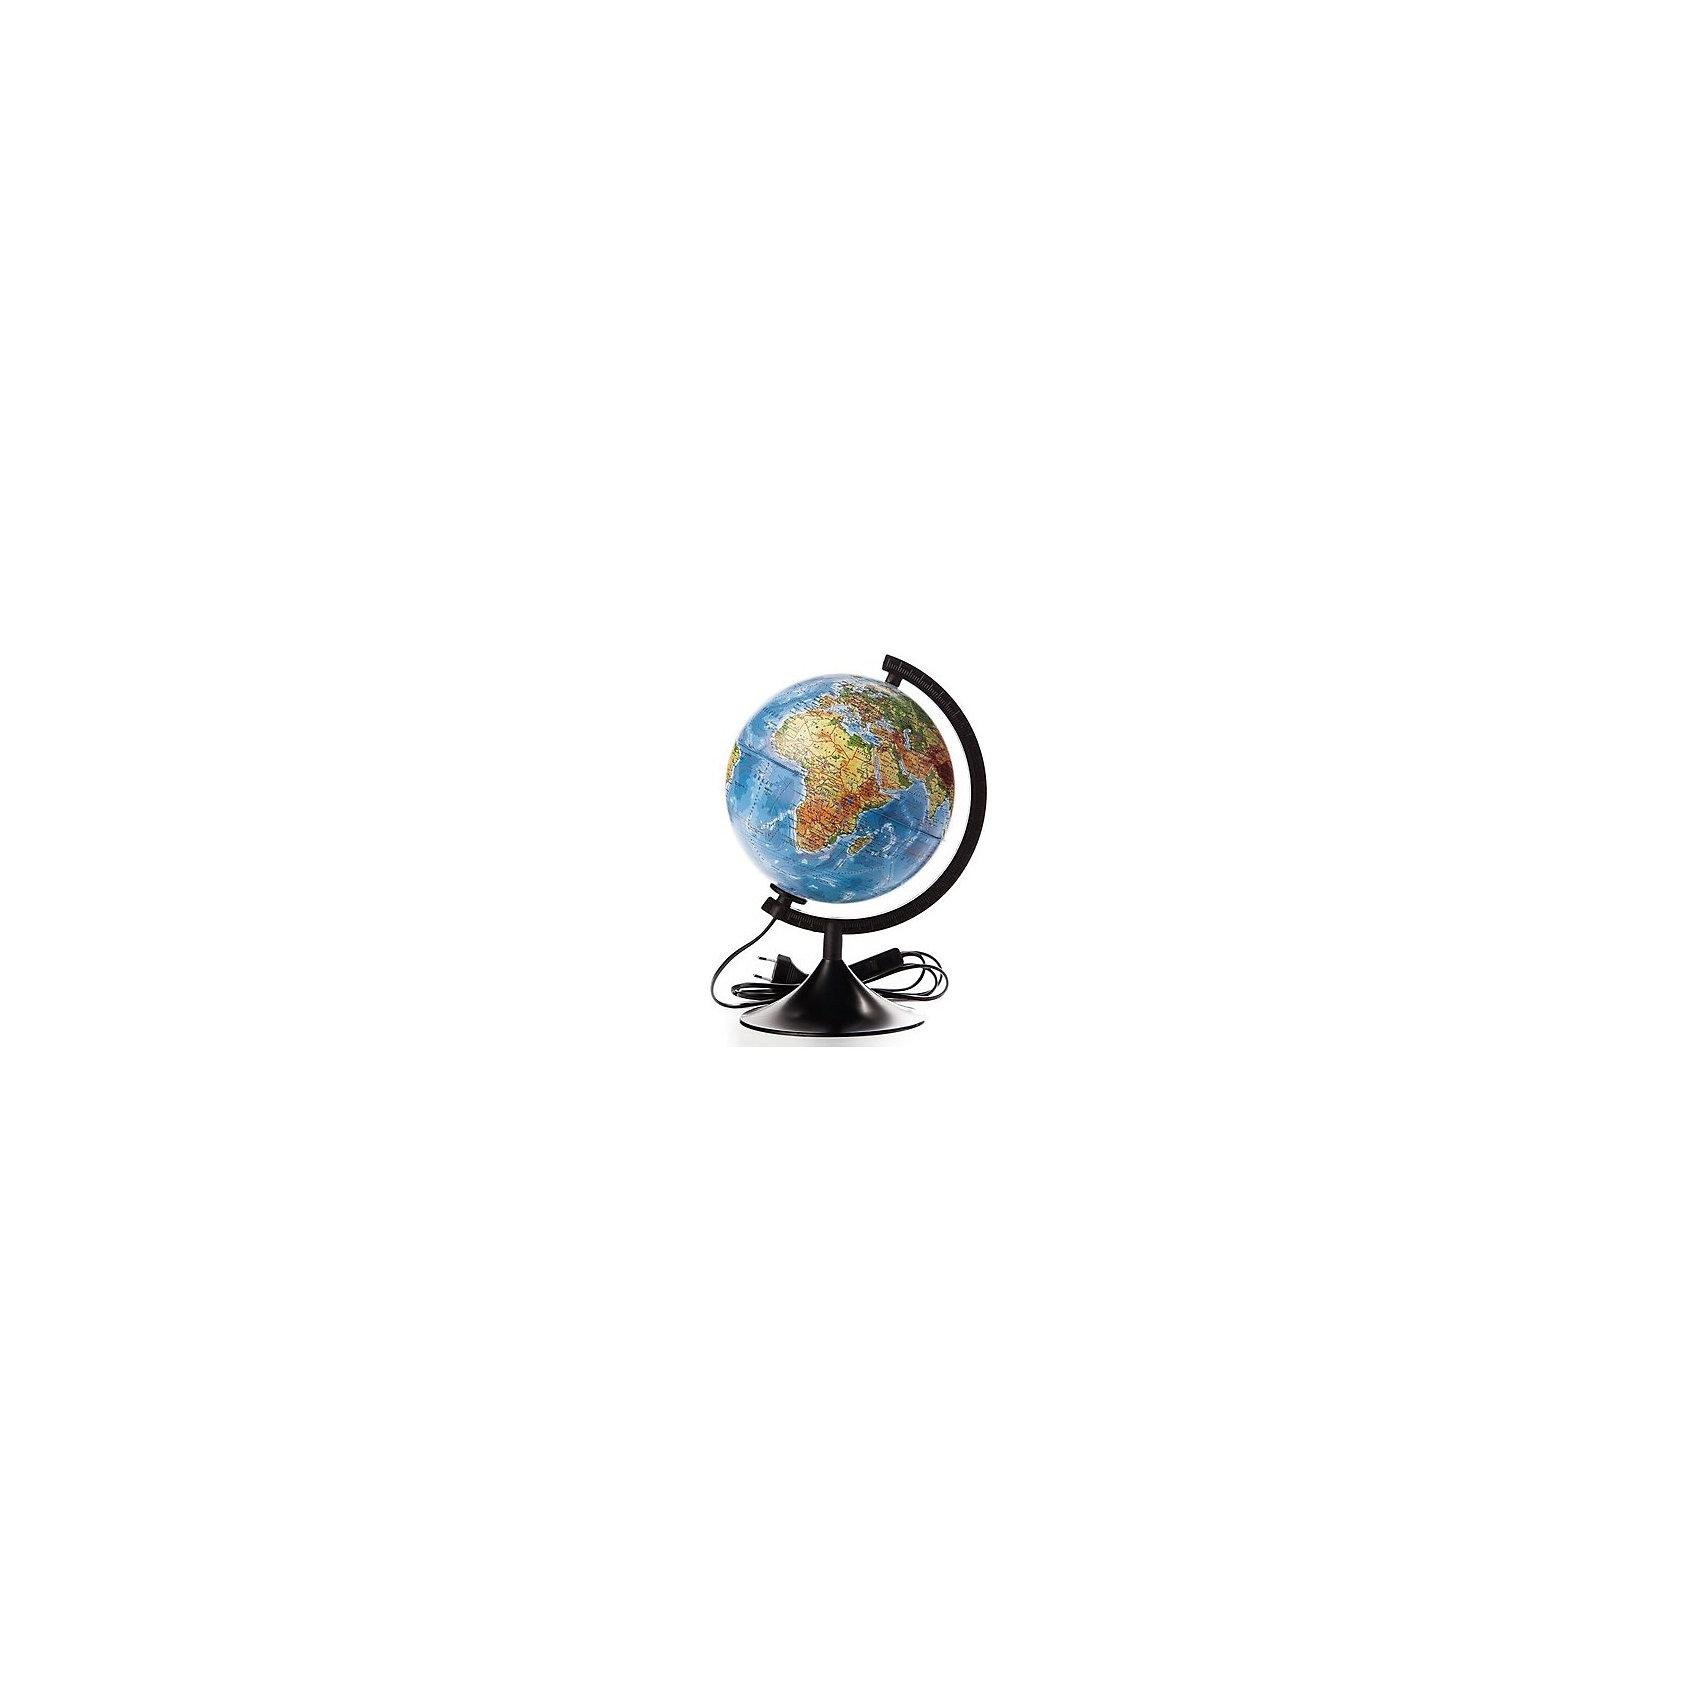 Глобус Земли физико-политический с подсветкой, диаметр 320 ммГлобус Земли д-р 320 физико-политический с подсветкой<br><br>Ширина мм: 350<br>Глубина мм: 320<br>Высота мм: 320<br>Вес г: 1200<br>Возраст от месяцев: 72<br>Возраст до месяцев: 2147483647<br>Пол: Унисекс<br>Возраст: Детский<br>SKU: 5504475